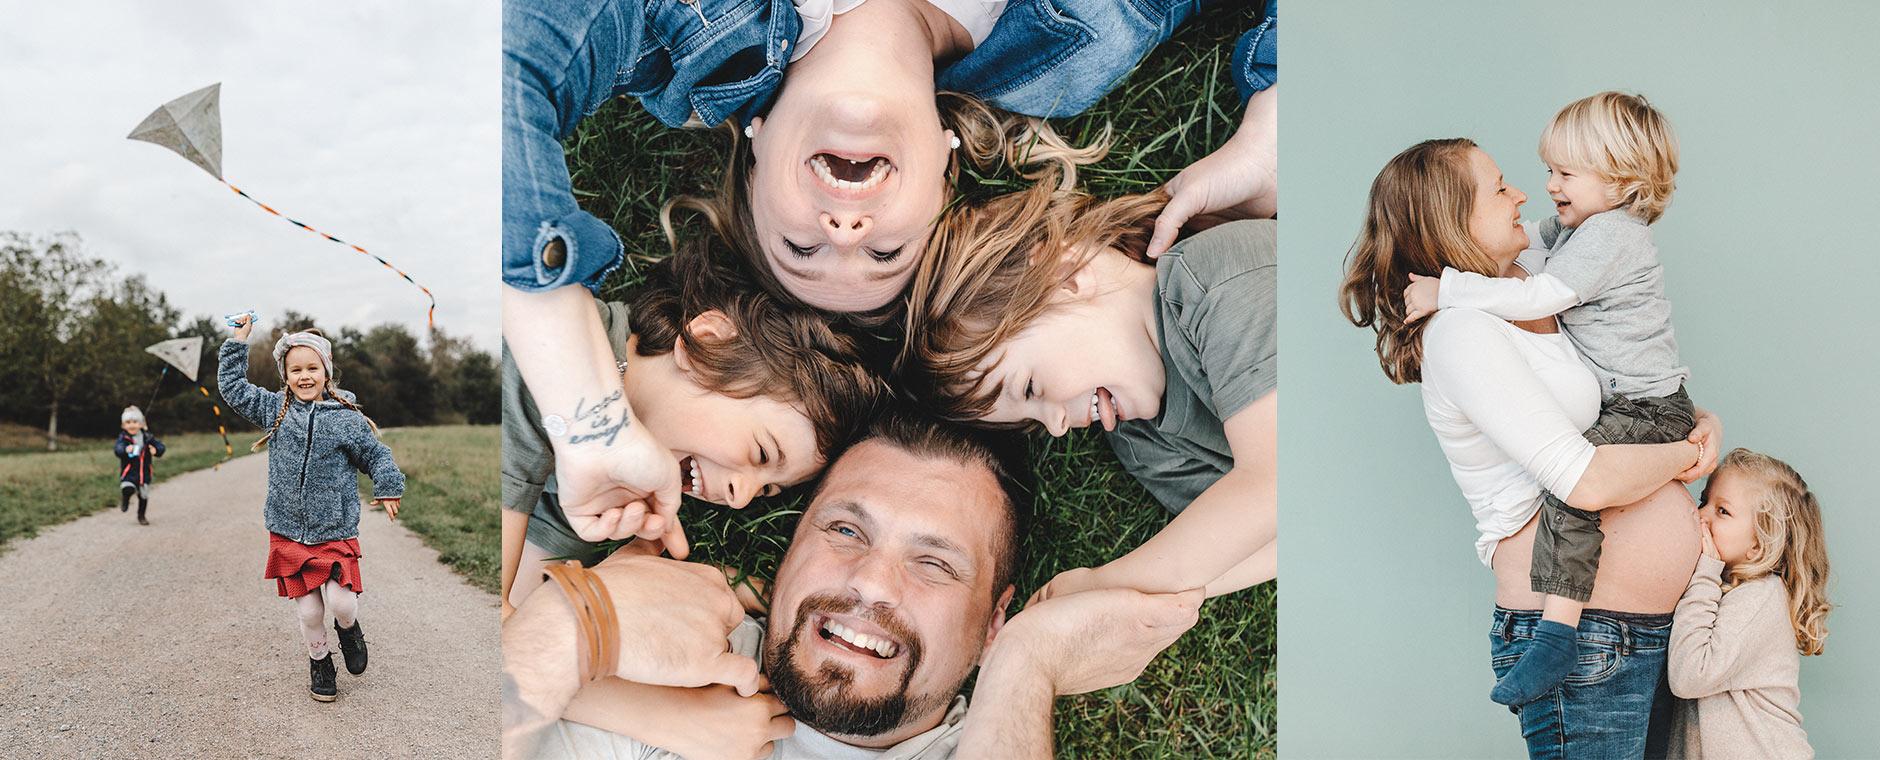 Familienfotograf in Bergisch Gladbach & Köln